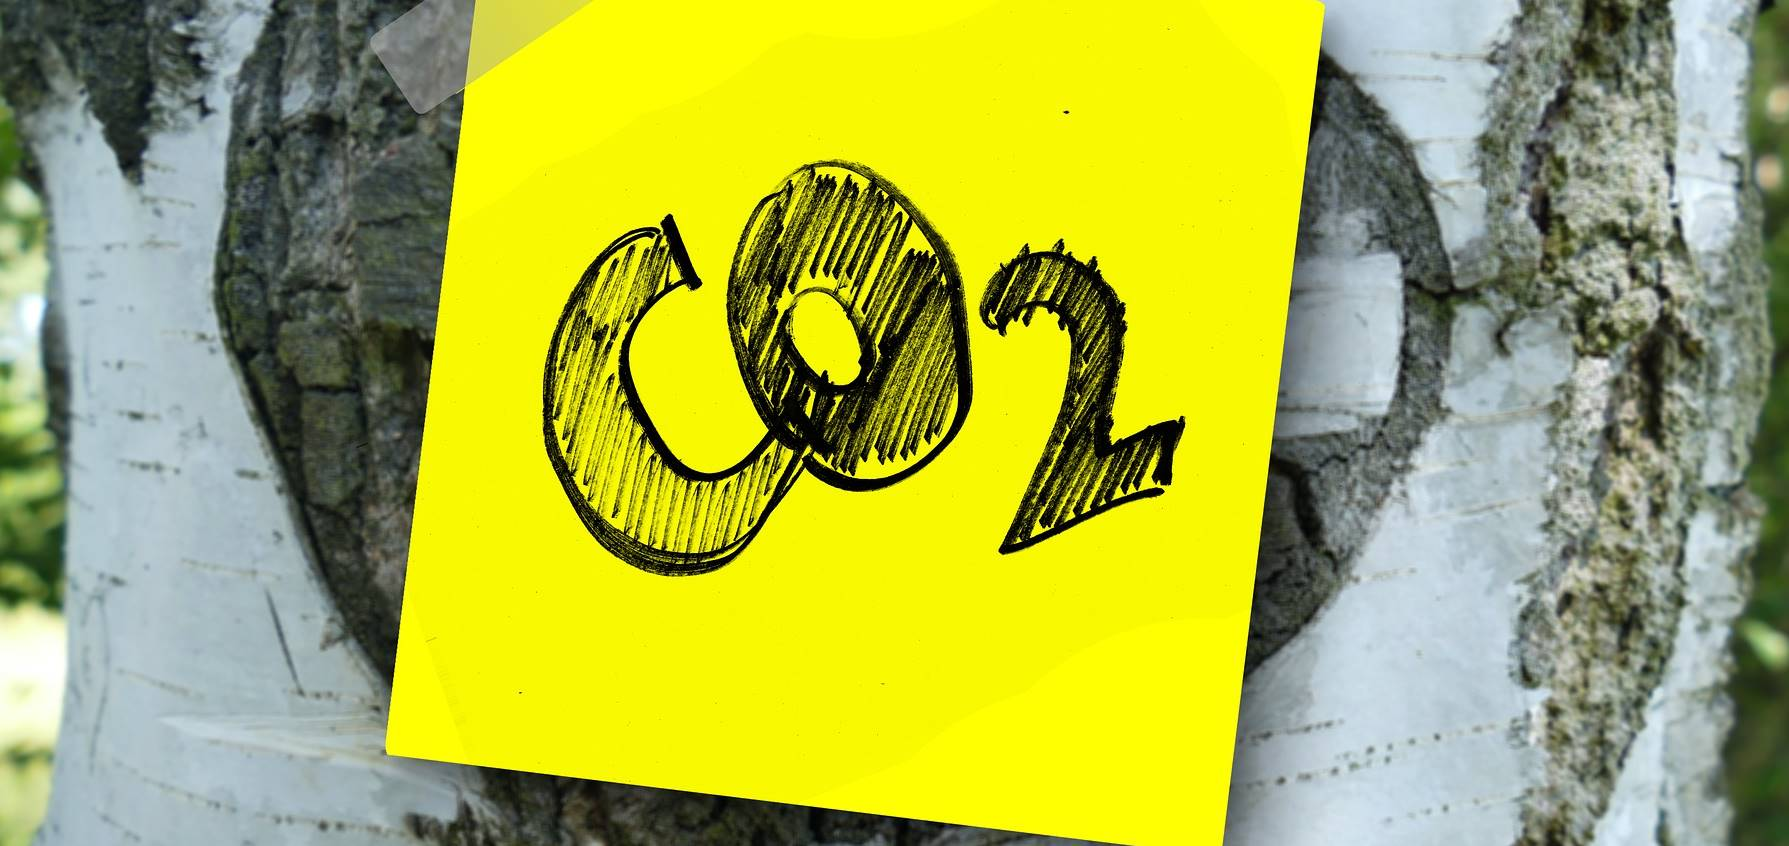 Gelders college daagt bedrijven uit om CO2-uitstoot te verminderen